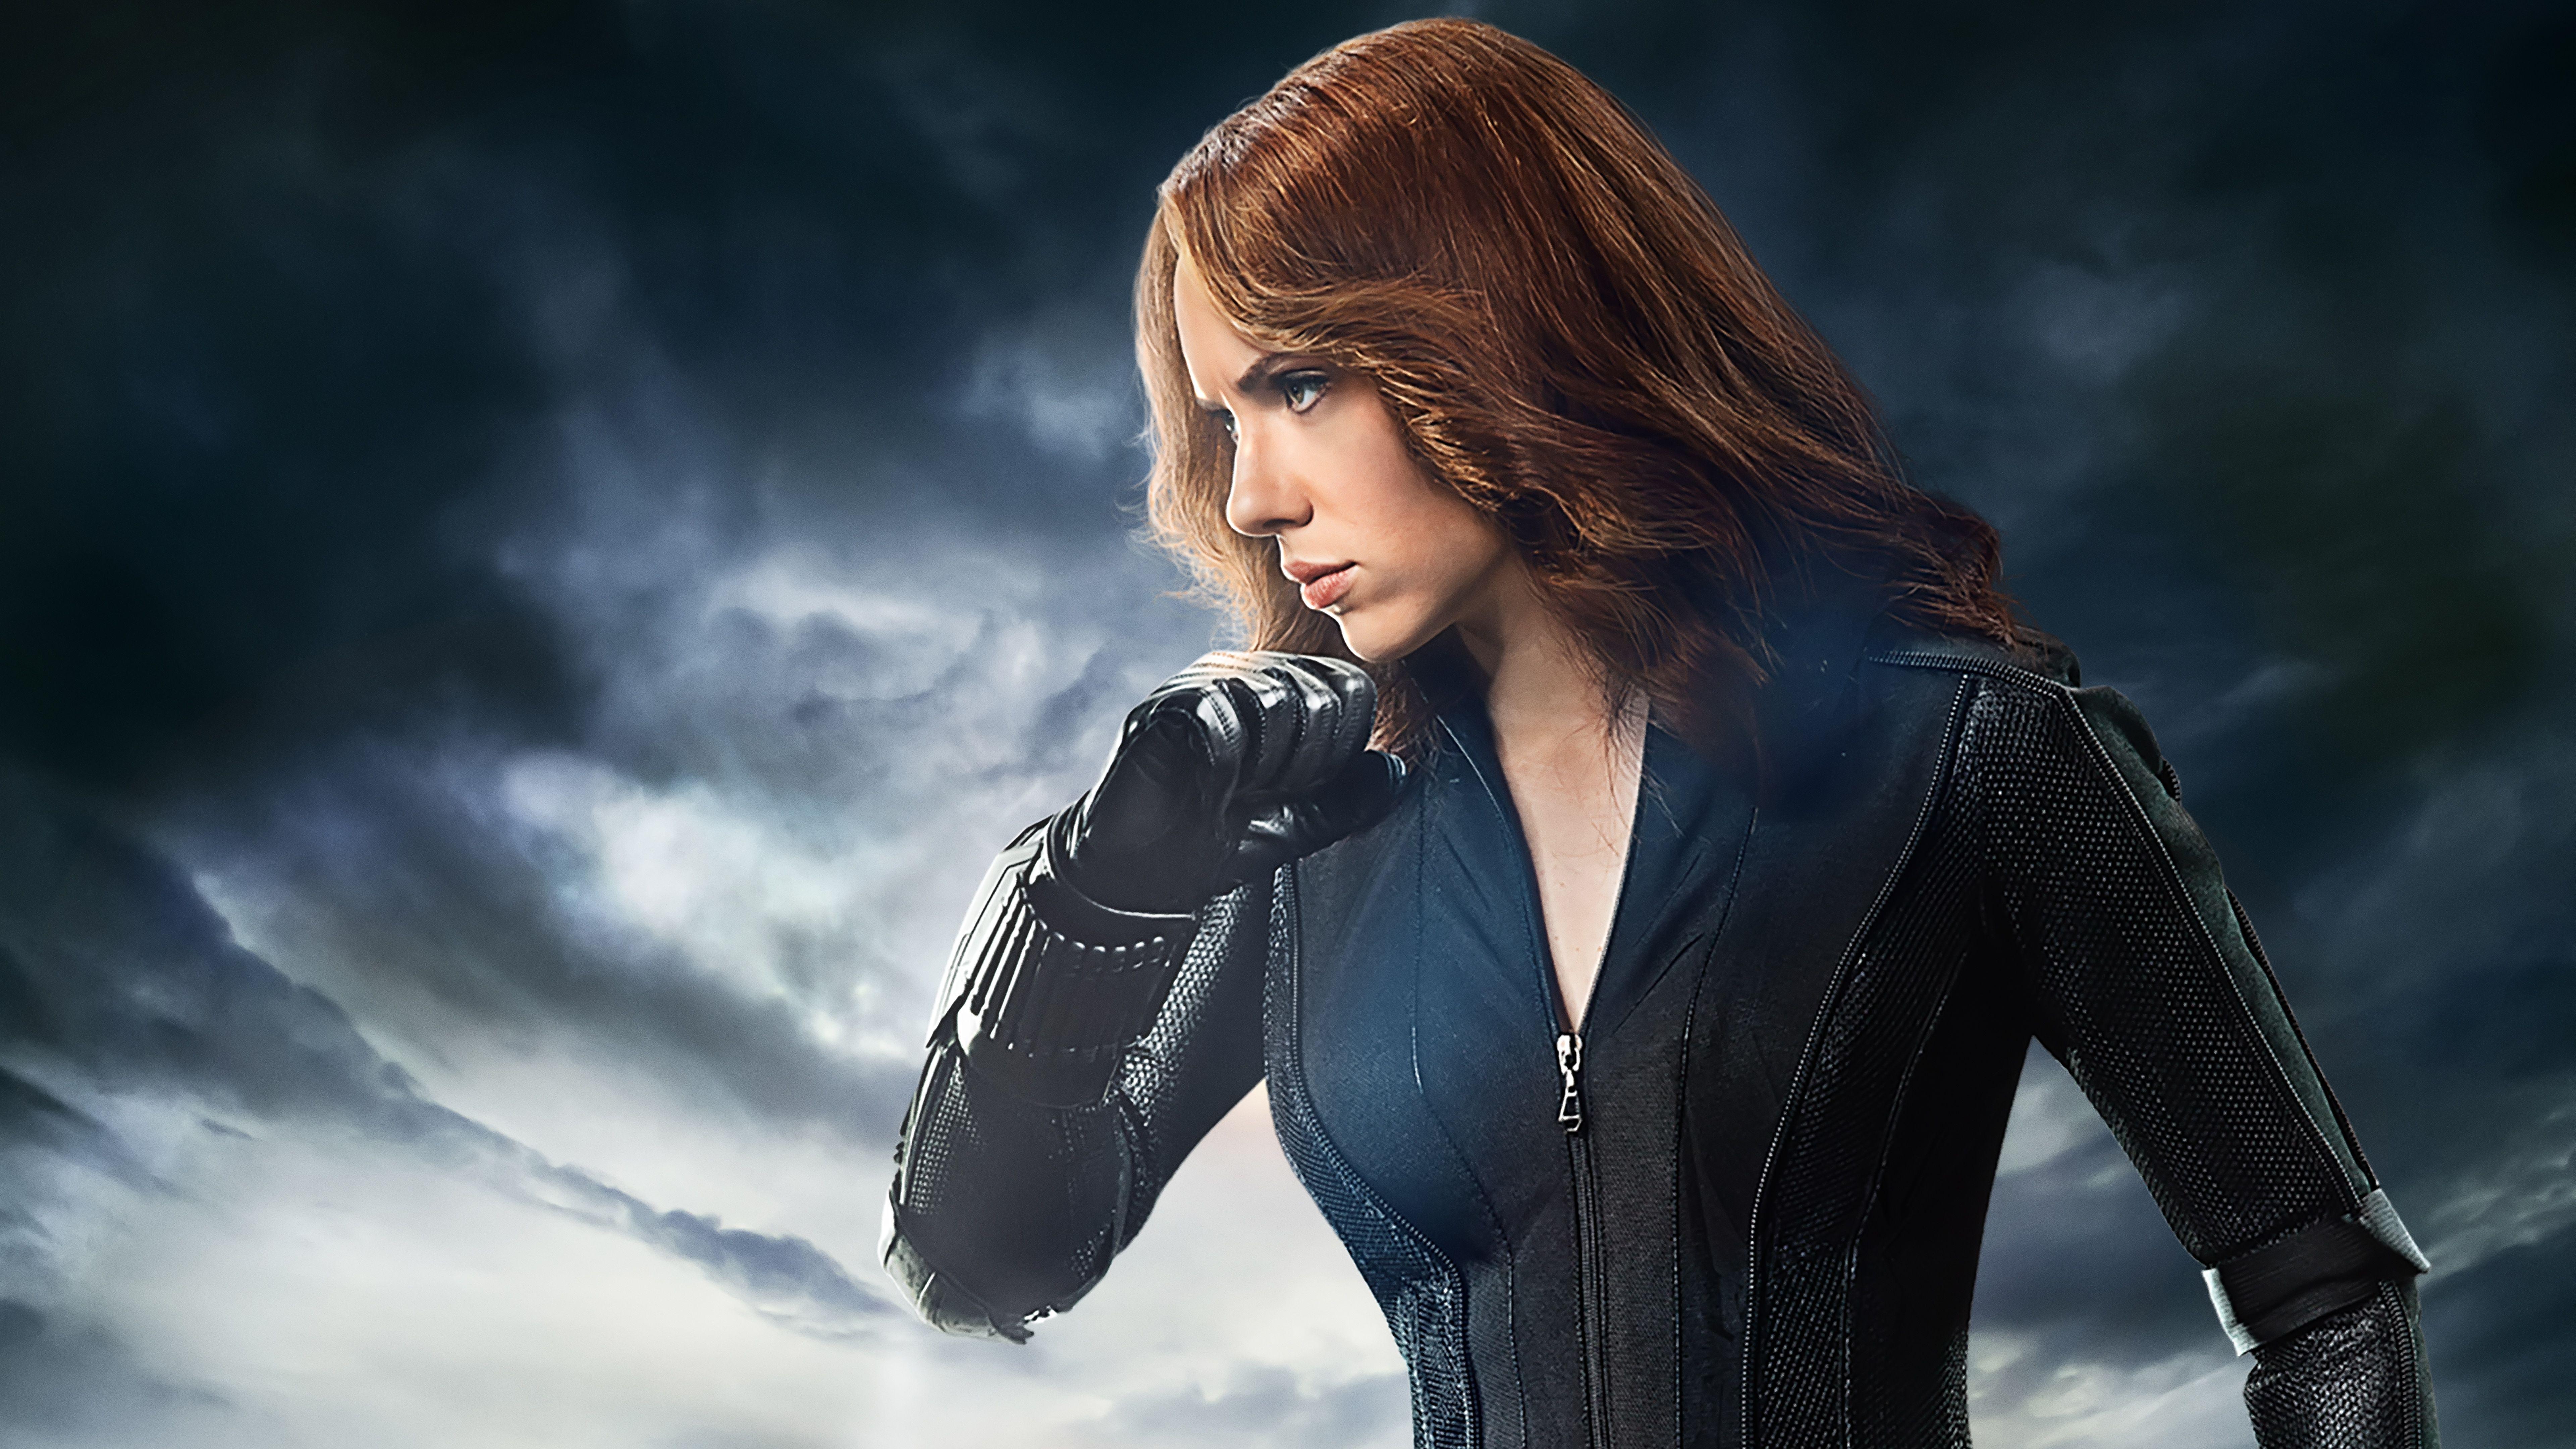 Scarlett Johansson Black Widow Wallpapers Top Free Scarlett Johansson Black Widow Backgrounds Wallpaperaccess